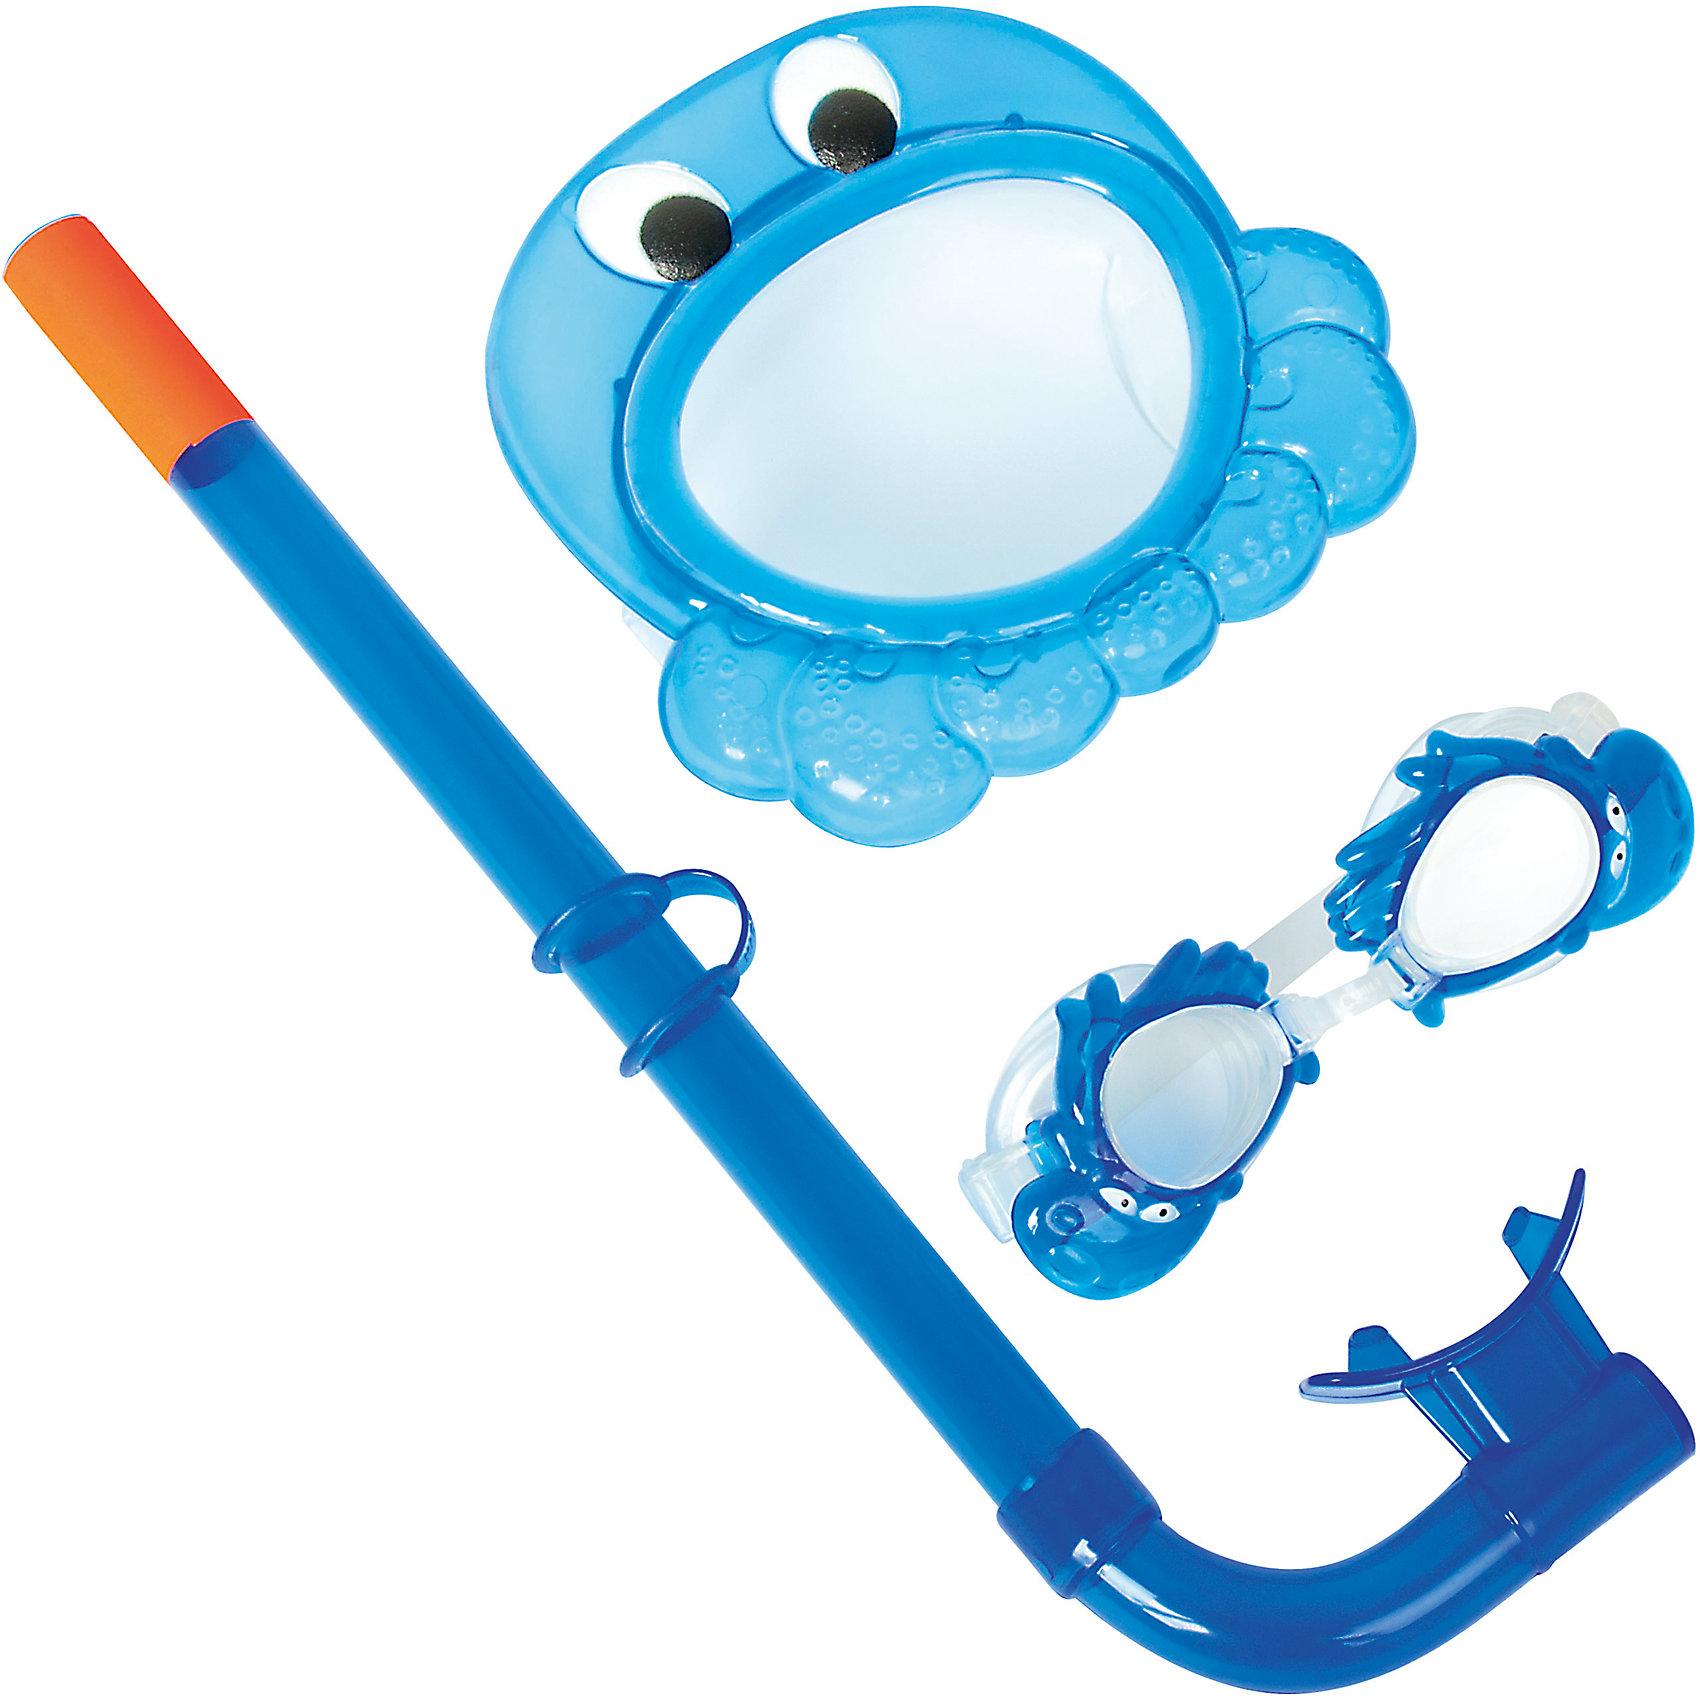 Набор для ныряния детский, морские животные, синий, BestwayОчки, маски, ласты, шапочки<br>Характеристики товара:<br><br>• материал: поликарбонат<br>• цвет: синий<br>• комплектация: маска, трубка, очки<br>• предметы в виде животных<br>• размер упаковки: 19х7х40 см<br>• прочный материал стекла<br>• мягкий загубник на трубке<br>• удобный уплотнитель<br>• плотное прилегание<br>• возможность регулировки размера<br>• возраст: от 3 до 6 лет<br>• страна бренда: США, Китай<br>• страна производства: Китай<br><br>Такой набор позволяет не только участвовать в активных играх, он поможет ребенку познакомиться с интересным подводным миром, расширить его кругозор и привить интерес к знаниям.<br><br>Предметы сделаны из прочного материала, маска и очки плотно прилегают к лицу и не пропускают воду, трубка - с удобным мягким загубником. Размер легко регулируется под ребенка. Изделие произведено из качественных и безопасных для детей материалов.<br><br>Набор для ныряния детский, морские животные, синий, от бренда Bestway (Бествей) можно купить в нашем интернет-магазине.<br><br>Ширина мм: 250<br>Глубина мм: 415<br>Высота мм: 720<br>Вес г: 245<br>Возраст от месяцев: 36<br>Возраст до месяцев: 120<br>Пол: Унисекс<br>Возраст: Детский<br>SKU: 4828539